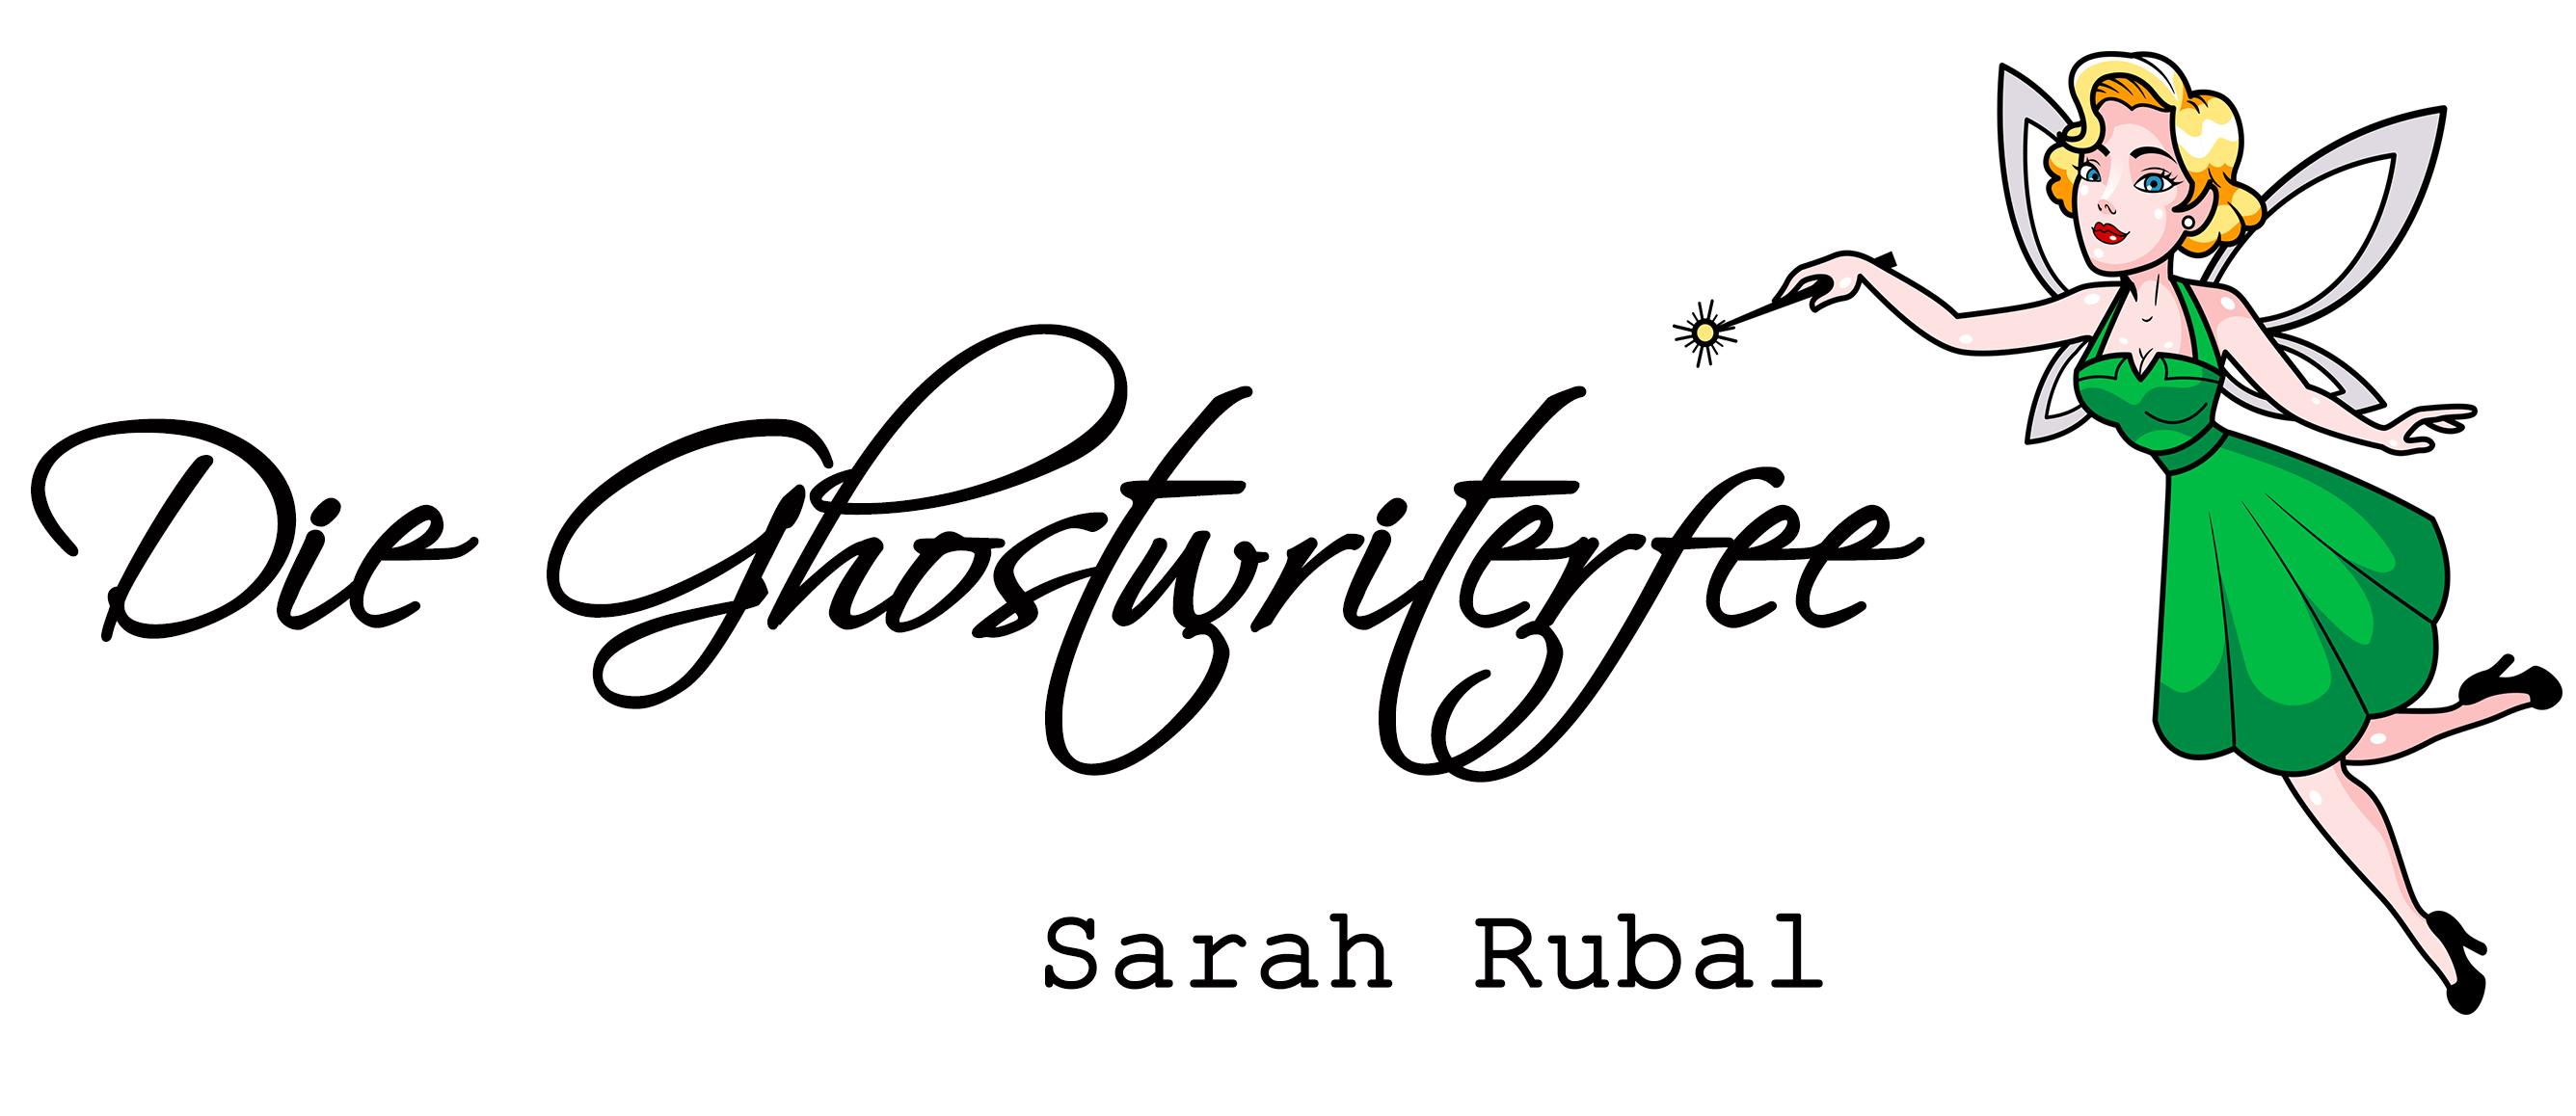 Die Ghostwriterfee